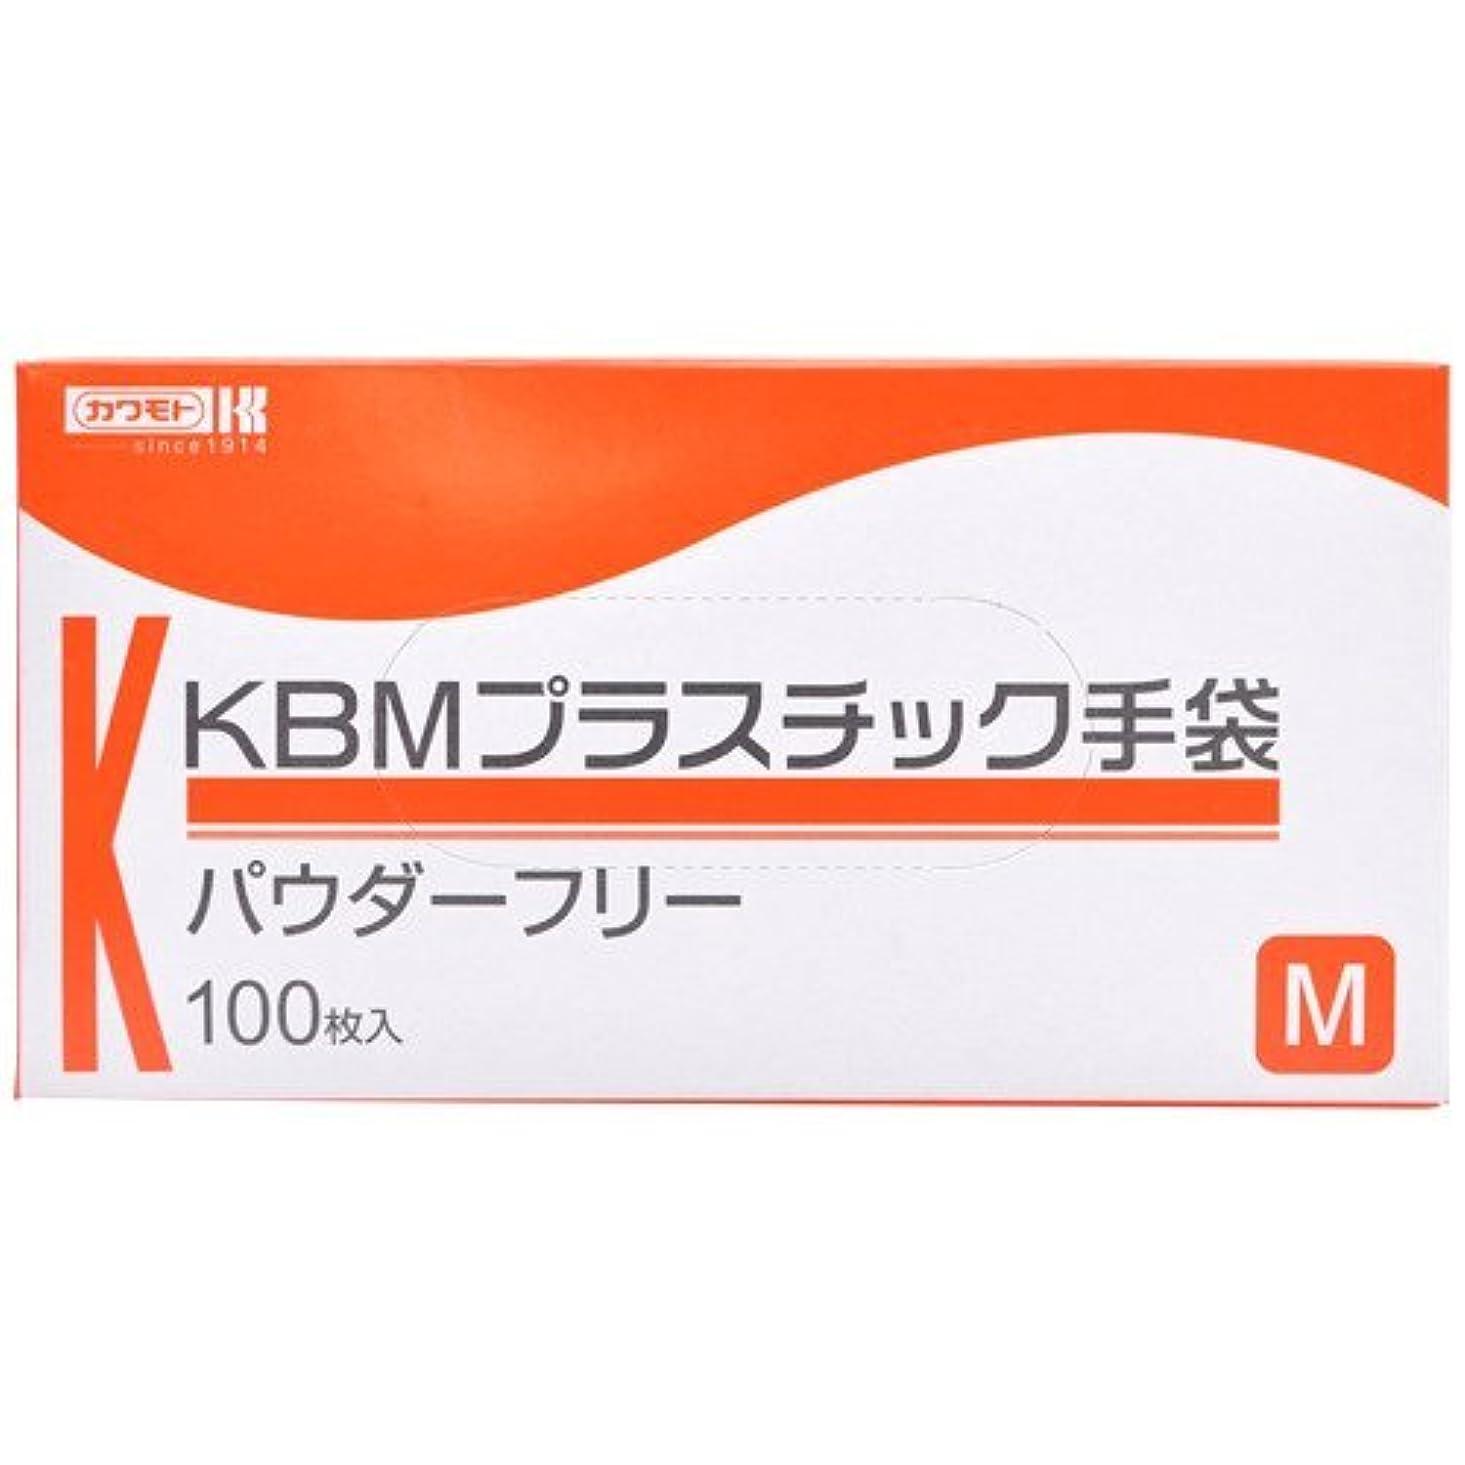 ハーブ非互換記者川本産業 KBMプラスチック手袋 パウダーフリー M 100枚入